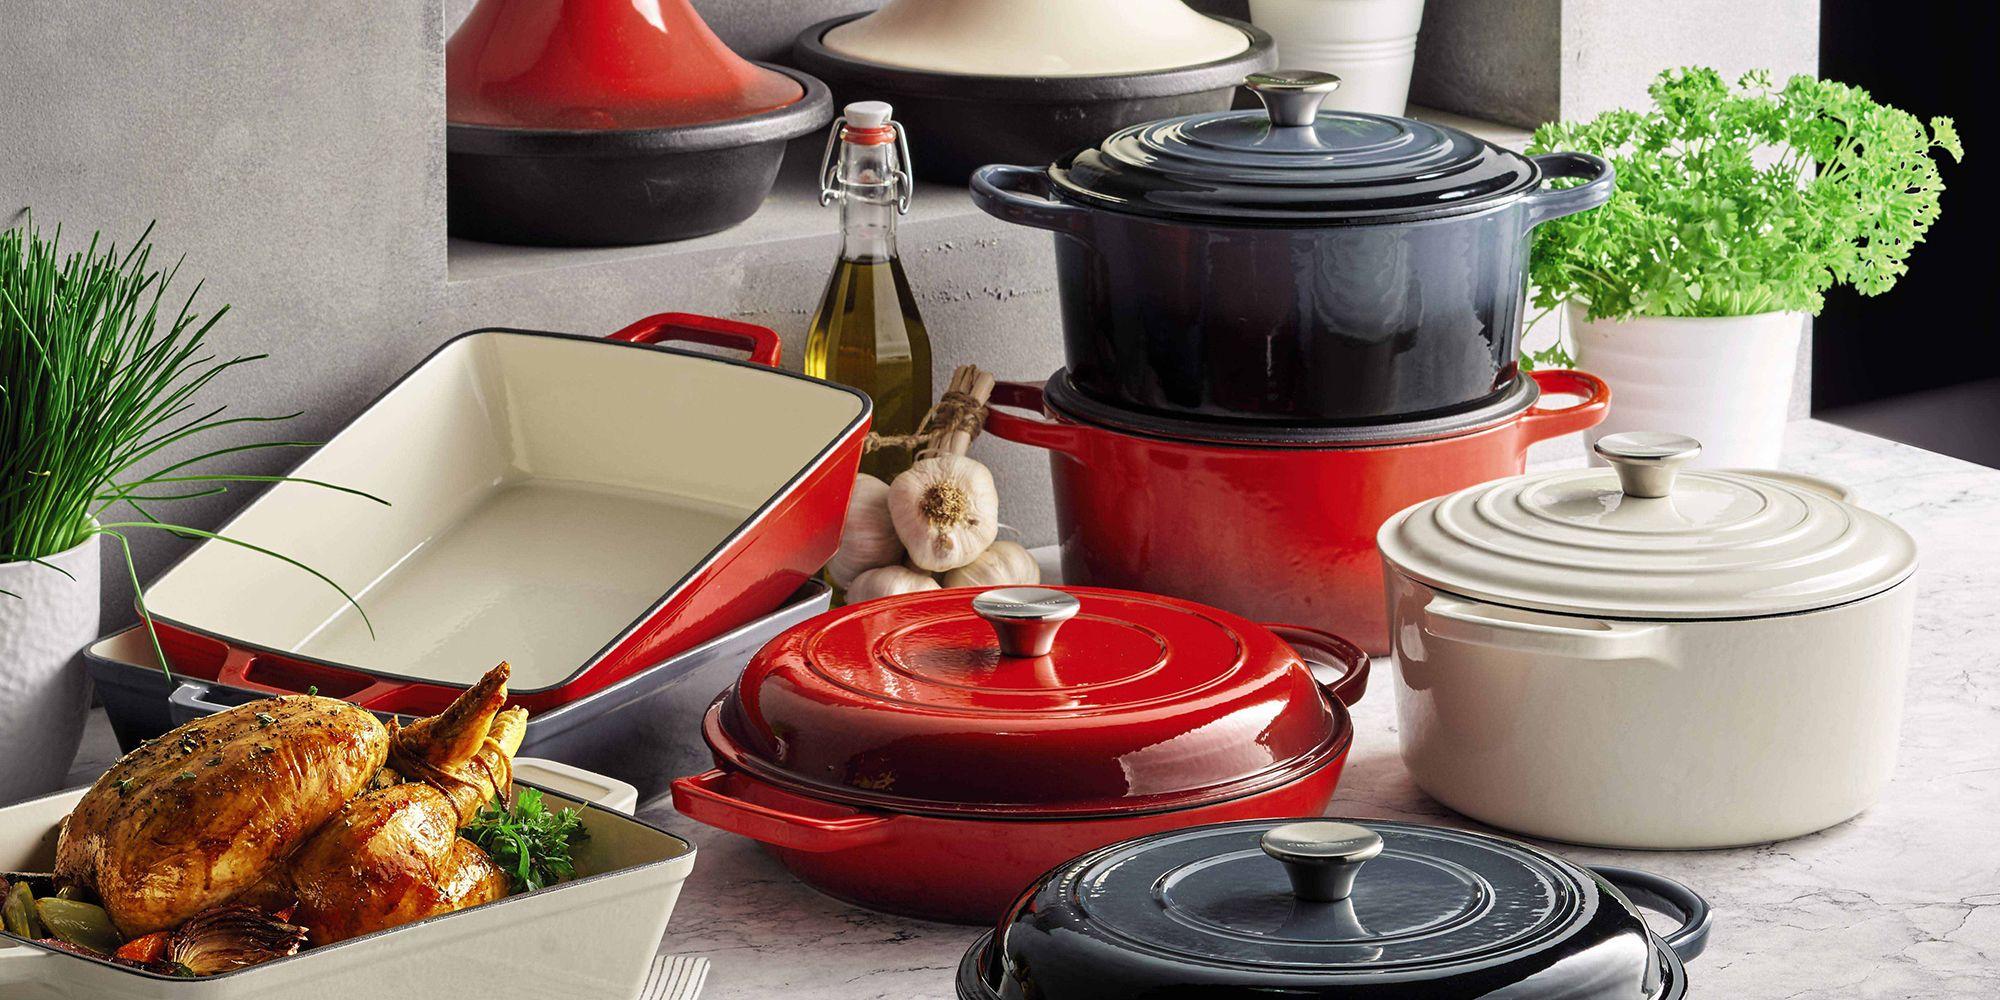 Aldi casserole dishes